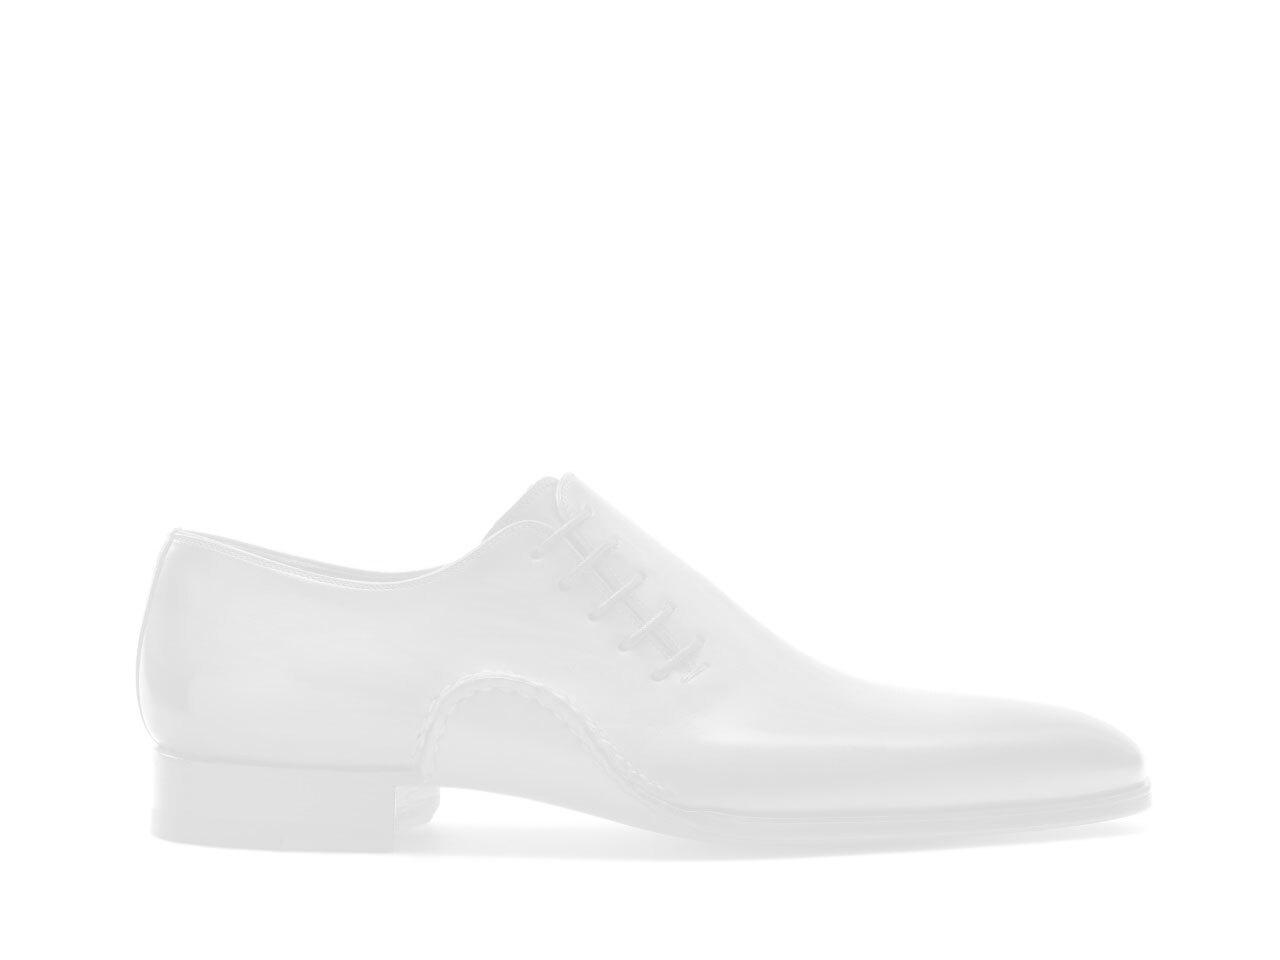 Sole of the Magnanni Segovia Curri Men's Oxford Shoes